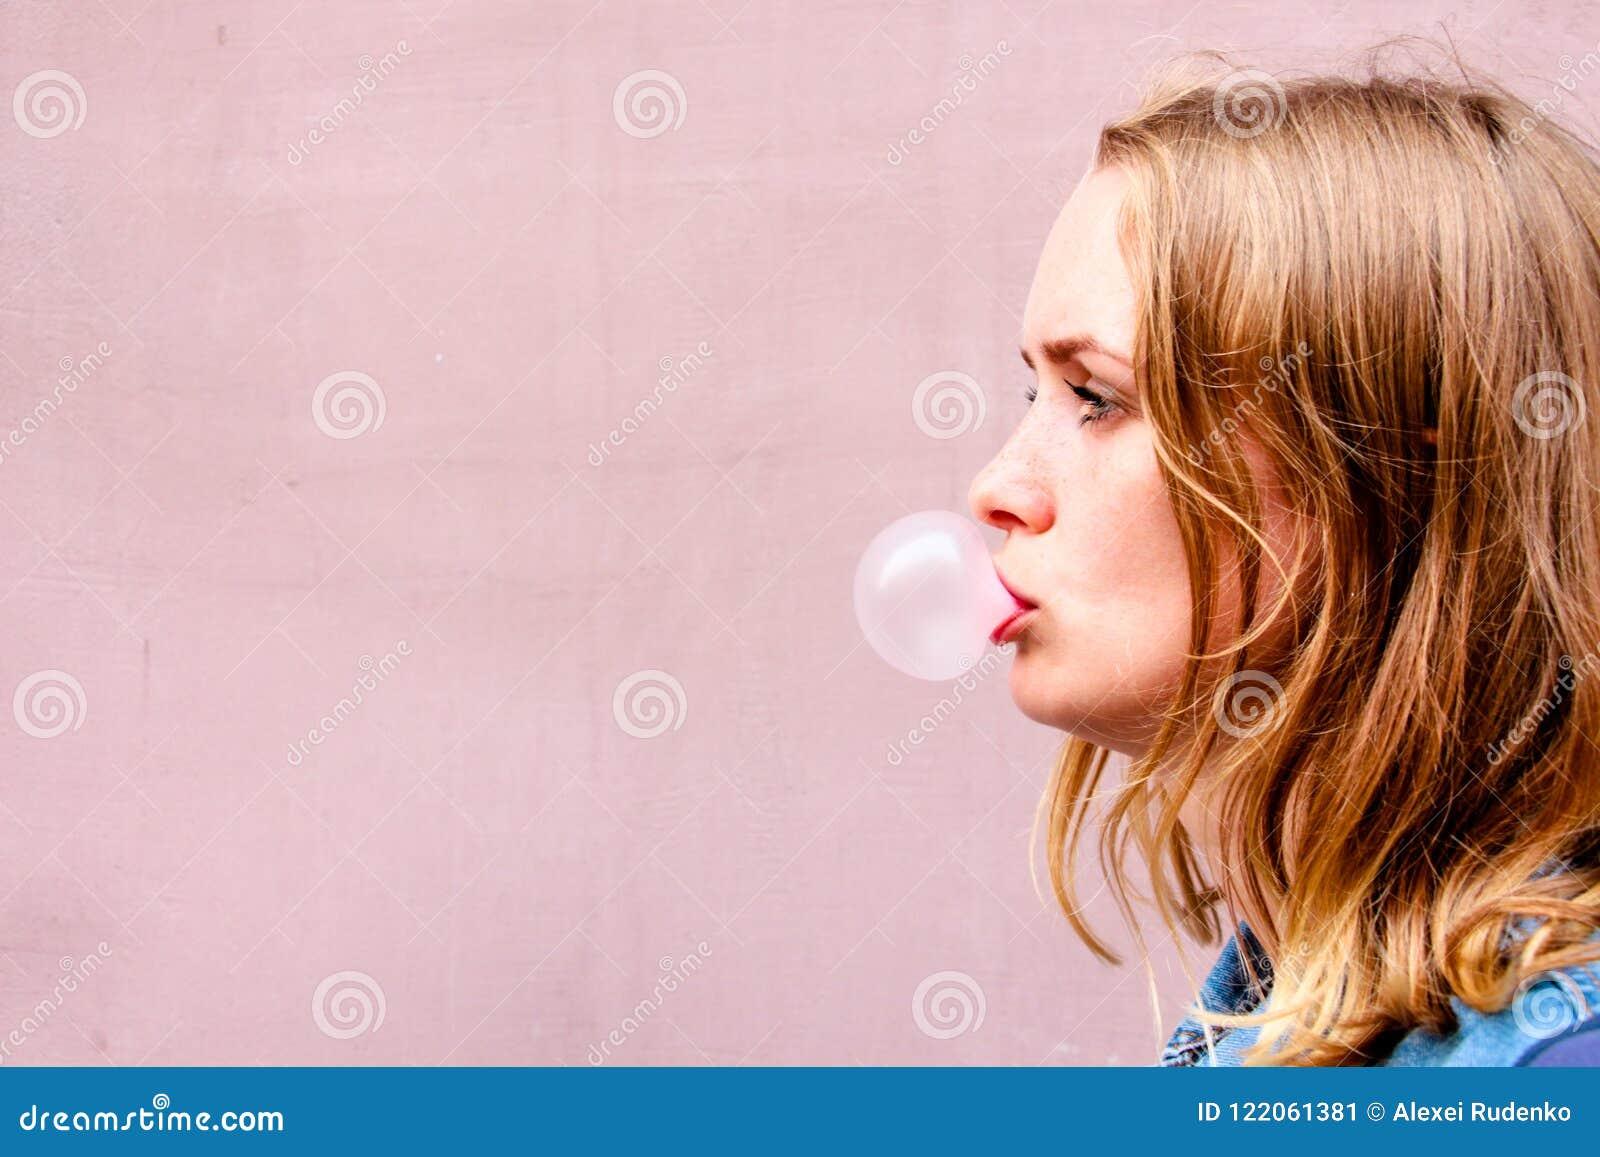 Красивая девушка на предпосылке розовой подкраски стоит в профиле и сопит шарик жевательной резины